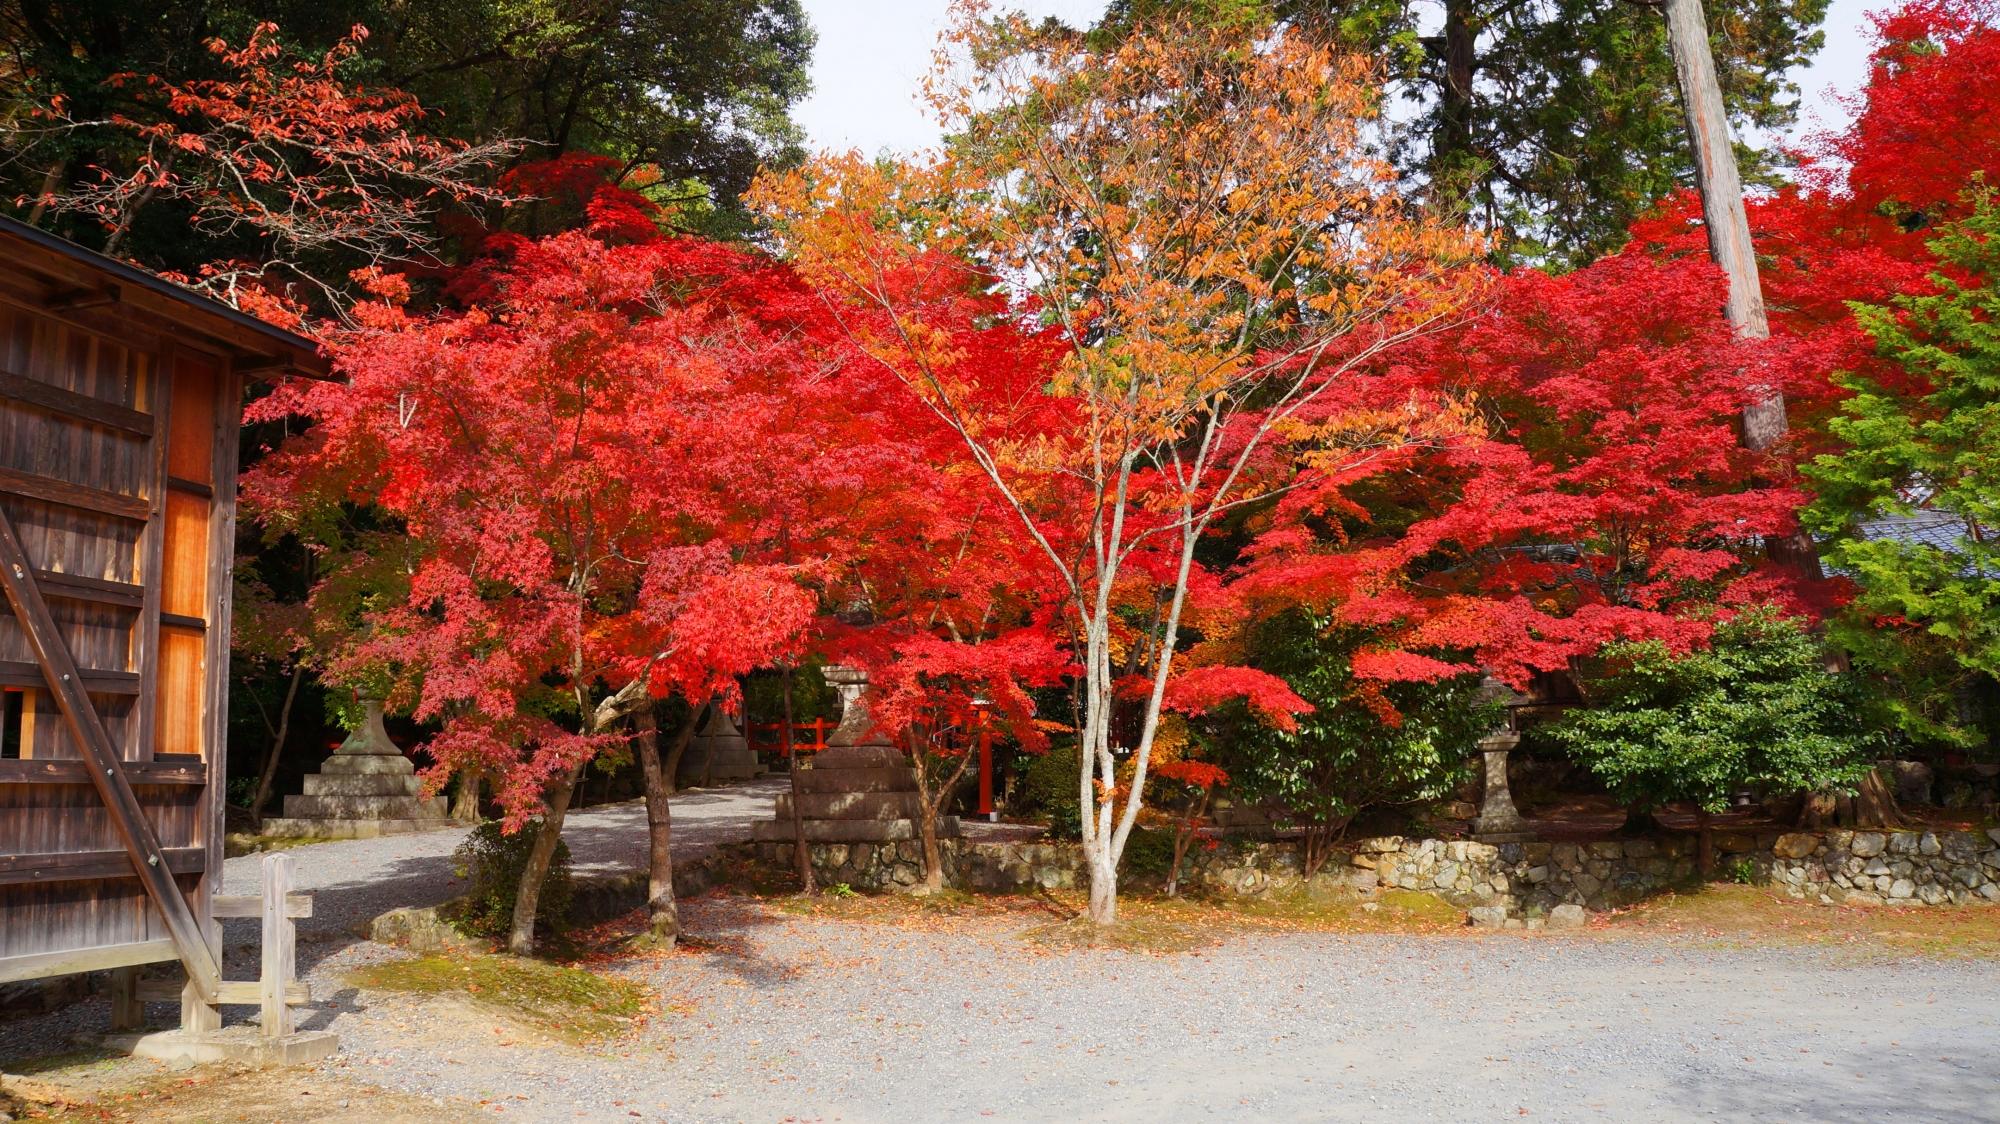 静かな境内の燃え上がるよな赤い紅葉